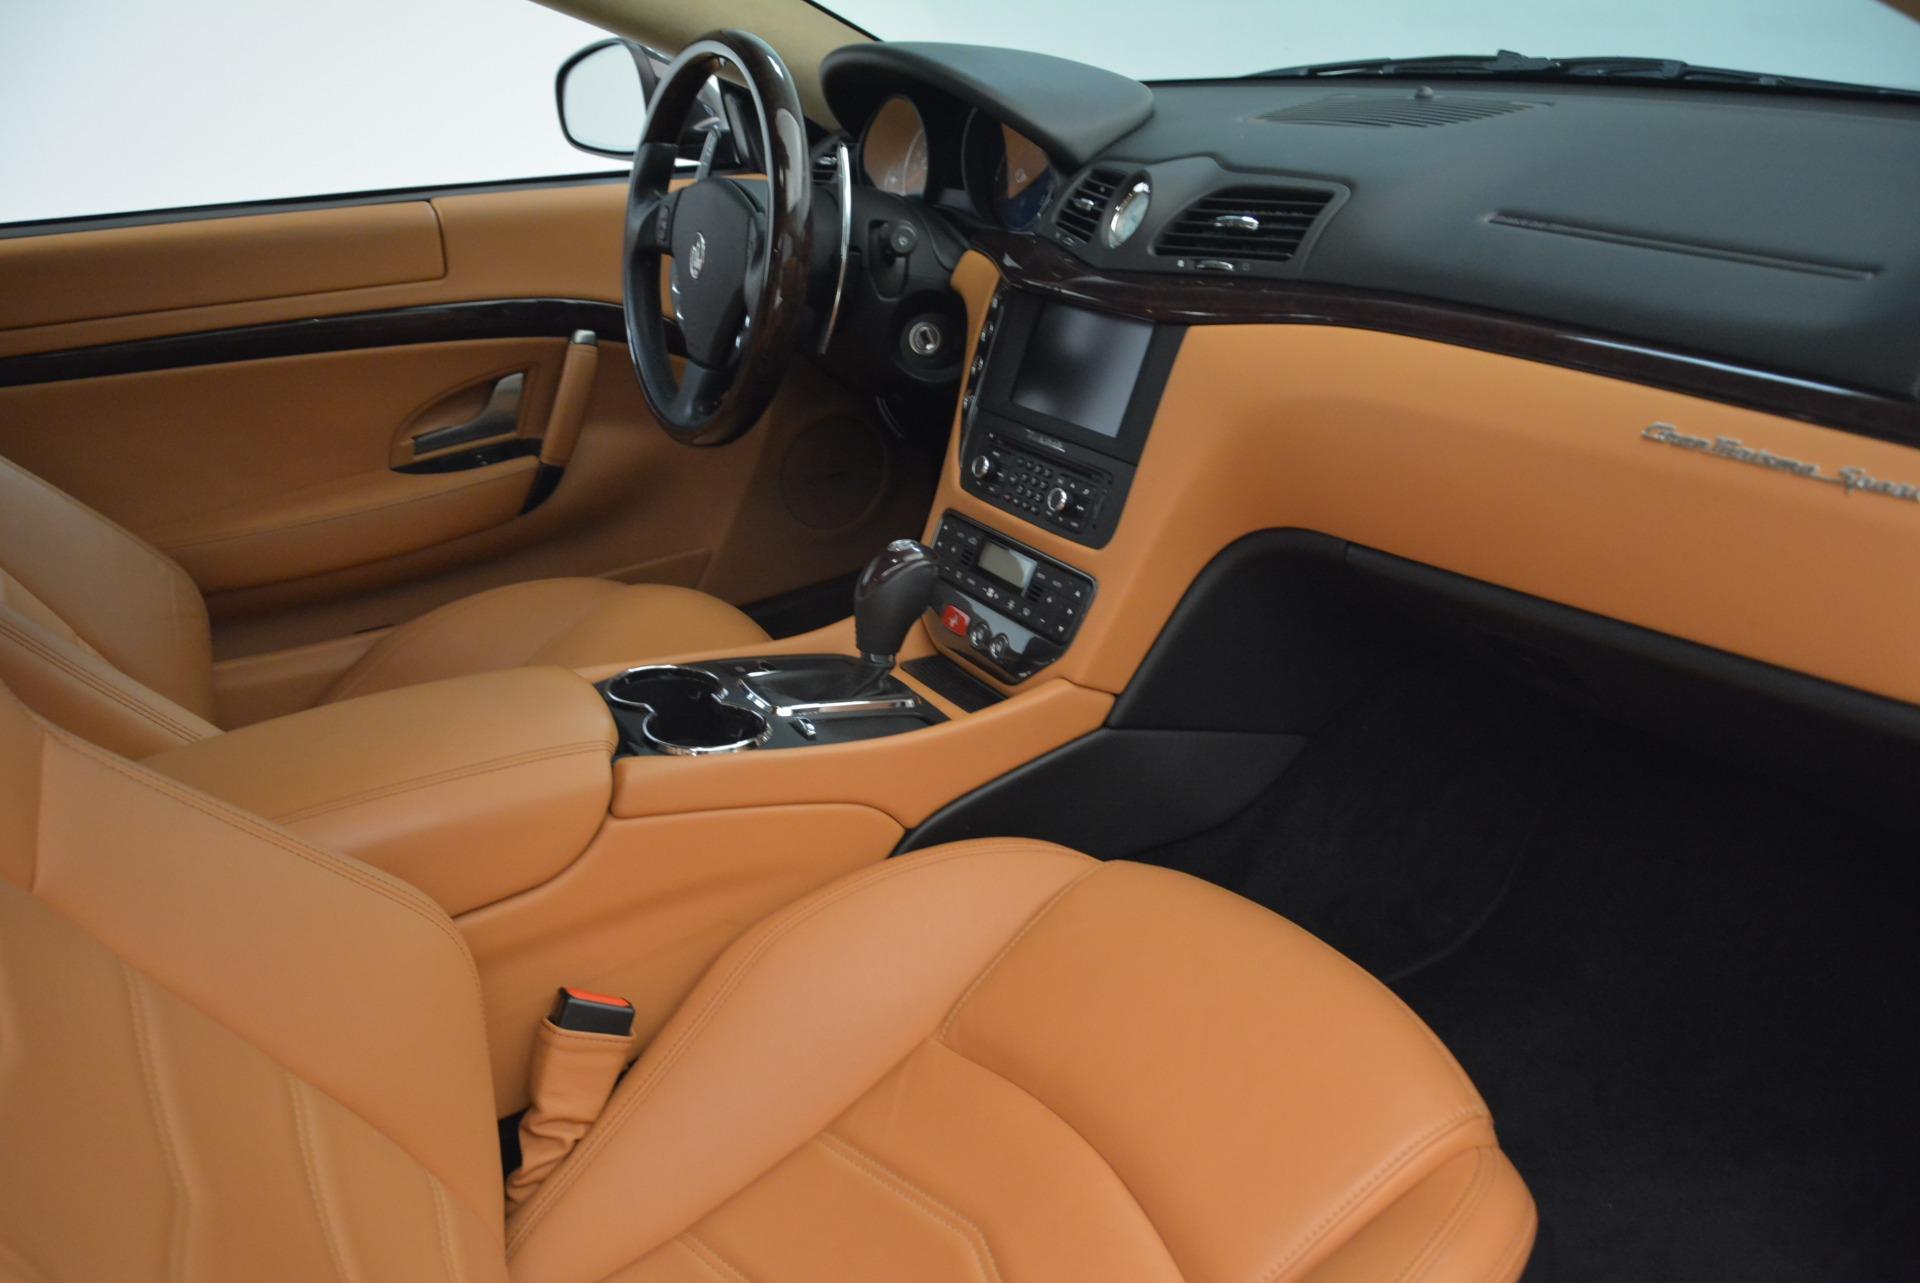 Used 2014 Maserati GranTurismo Sport For Sale In Westport, CT 2067_p20